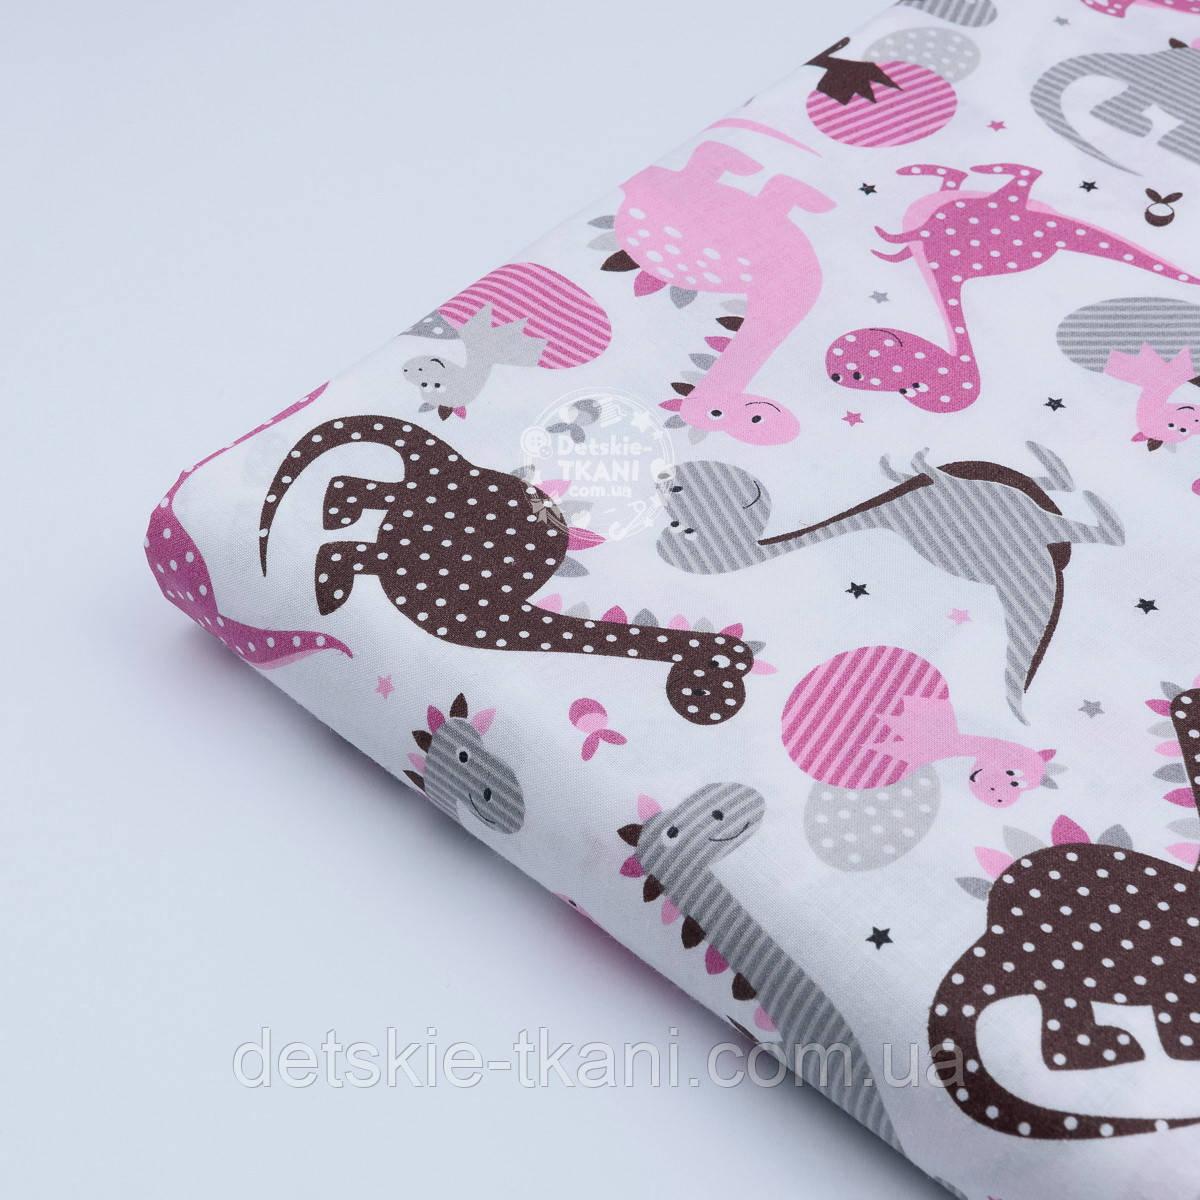 Лоскут ткани с дракончиками с полосочками и горошком серые, коричневые, розовые на белом (№1862) размер 23*80